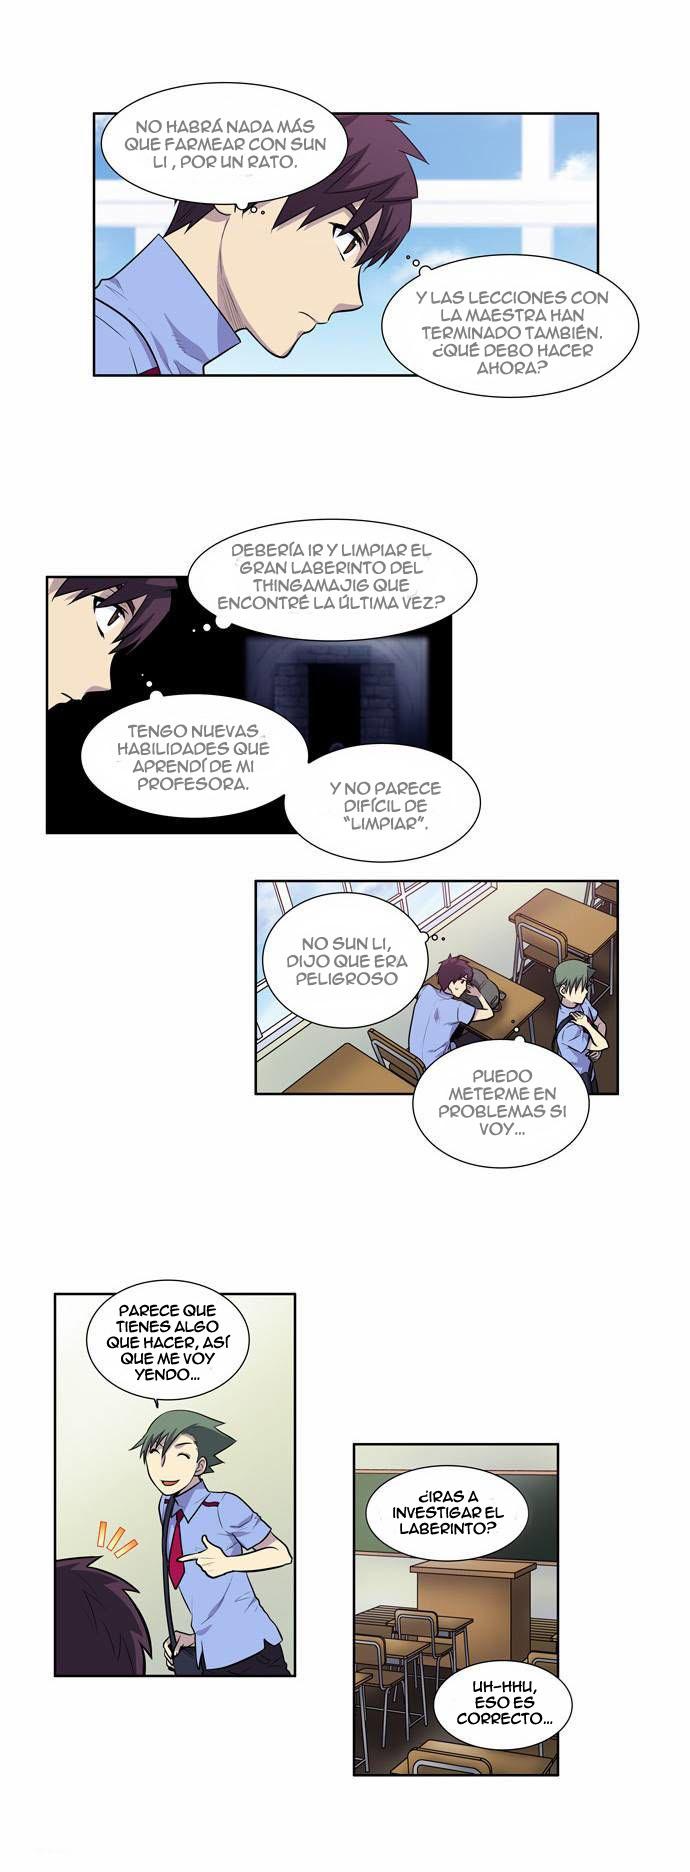 https://c5.ninemanga.com/es_manga/61/1725/414750/823941cb1e033fda6b9962f7fc0784cf.jpg Page 3